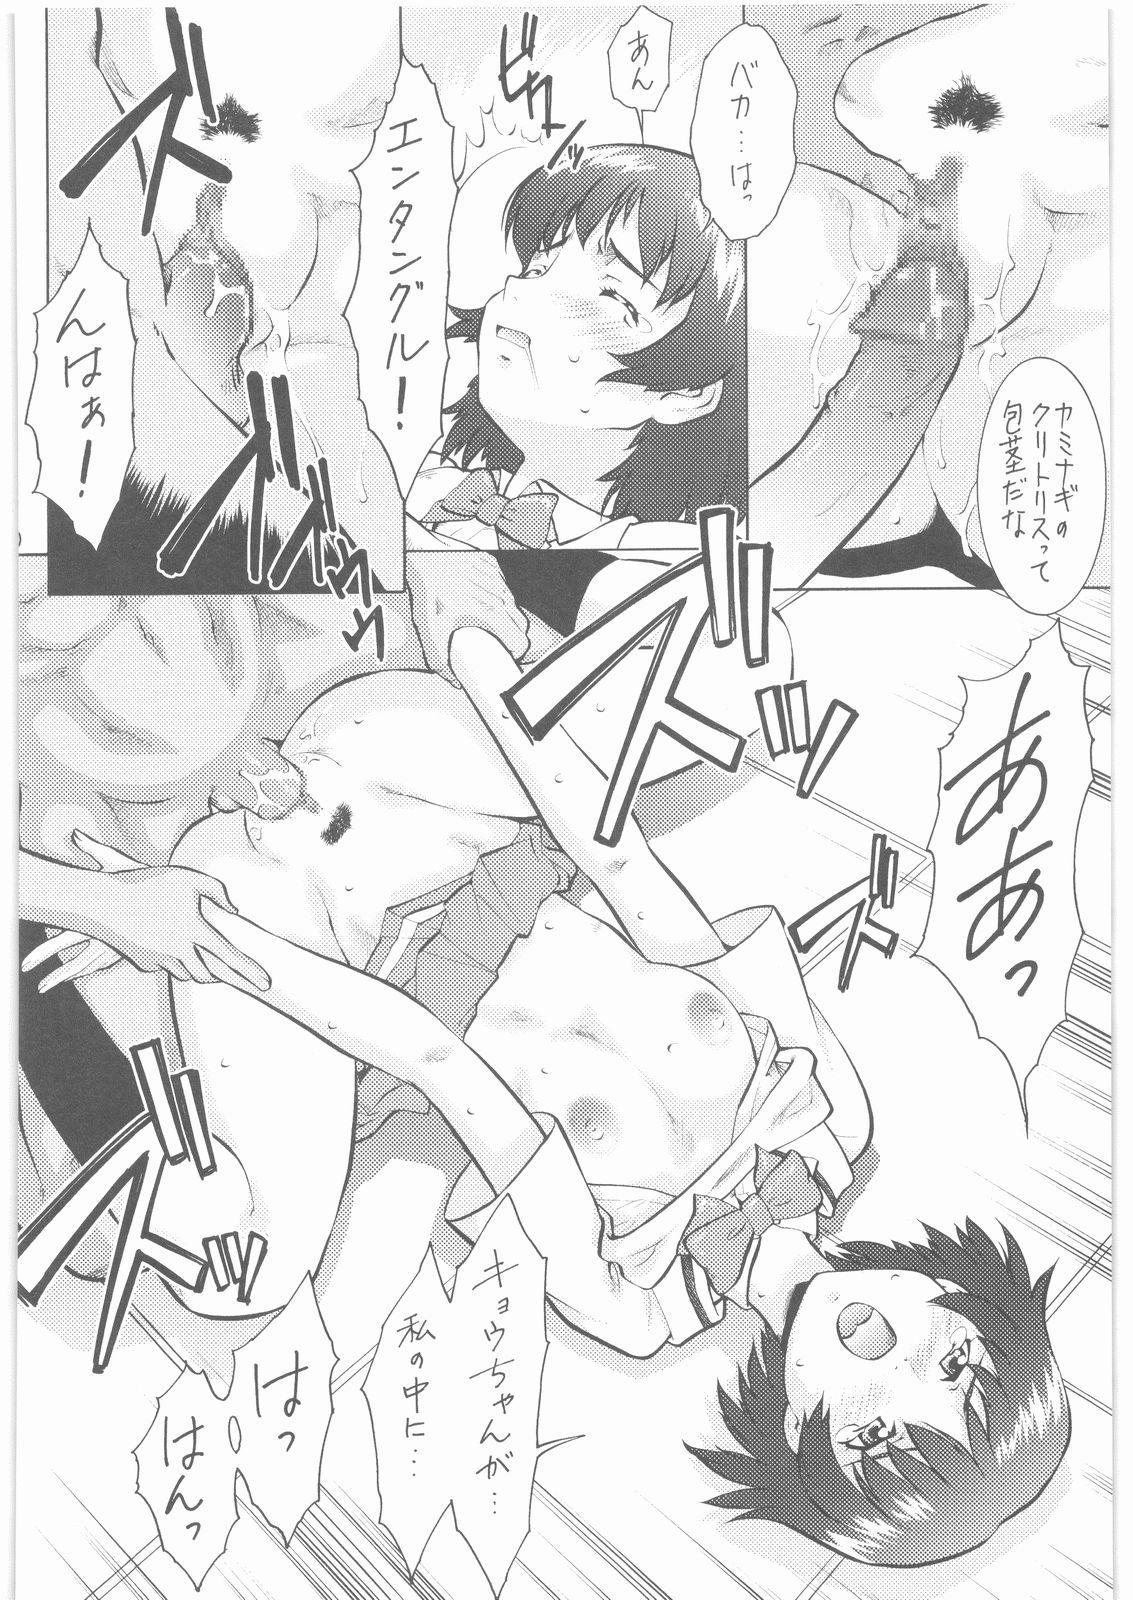 Umedamangashuu 12 Shito 108